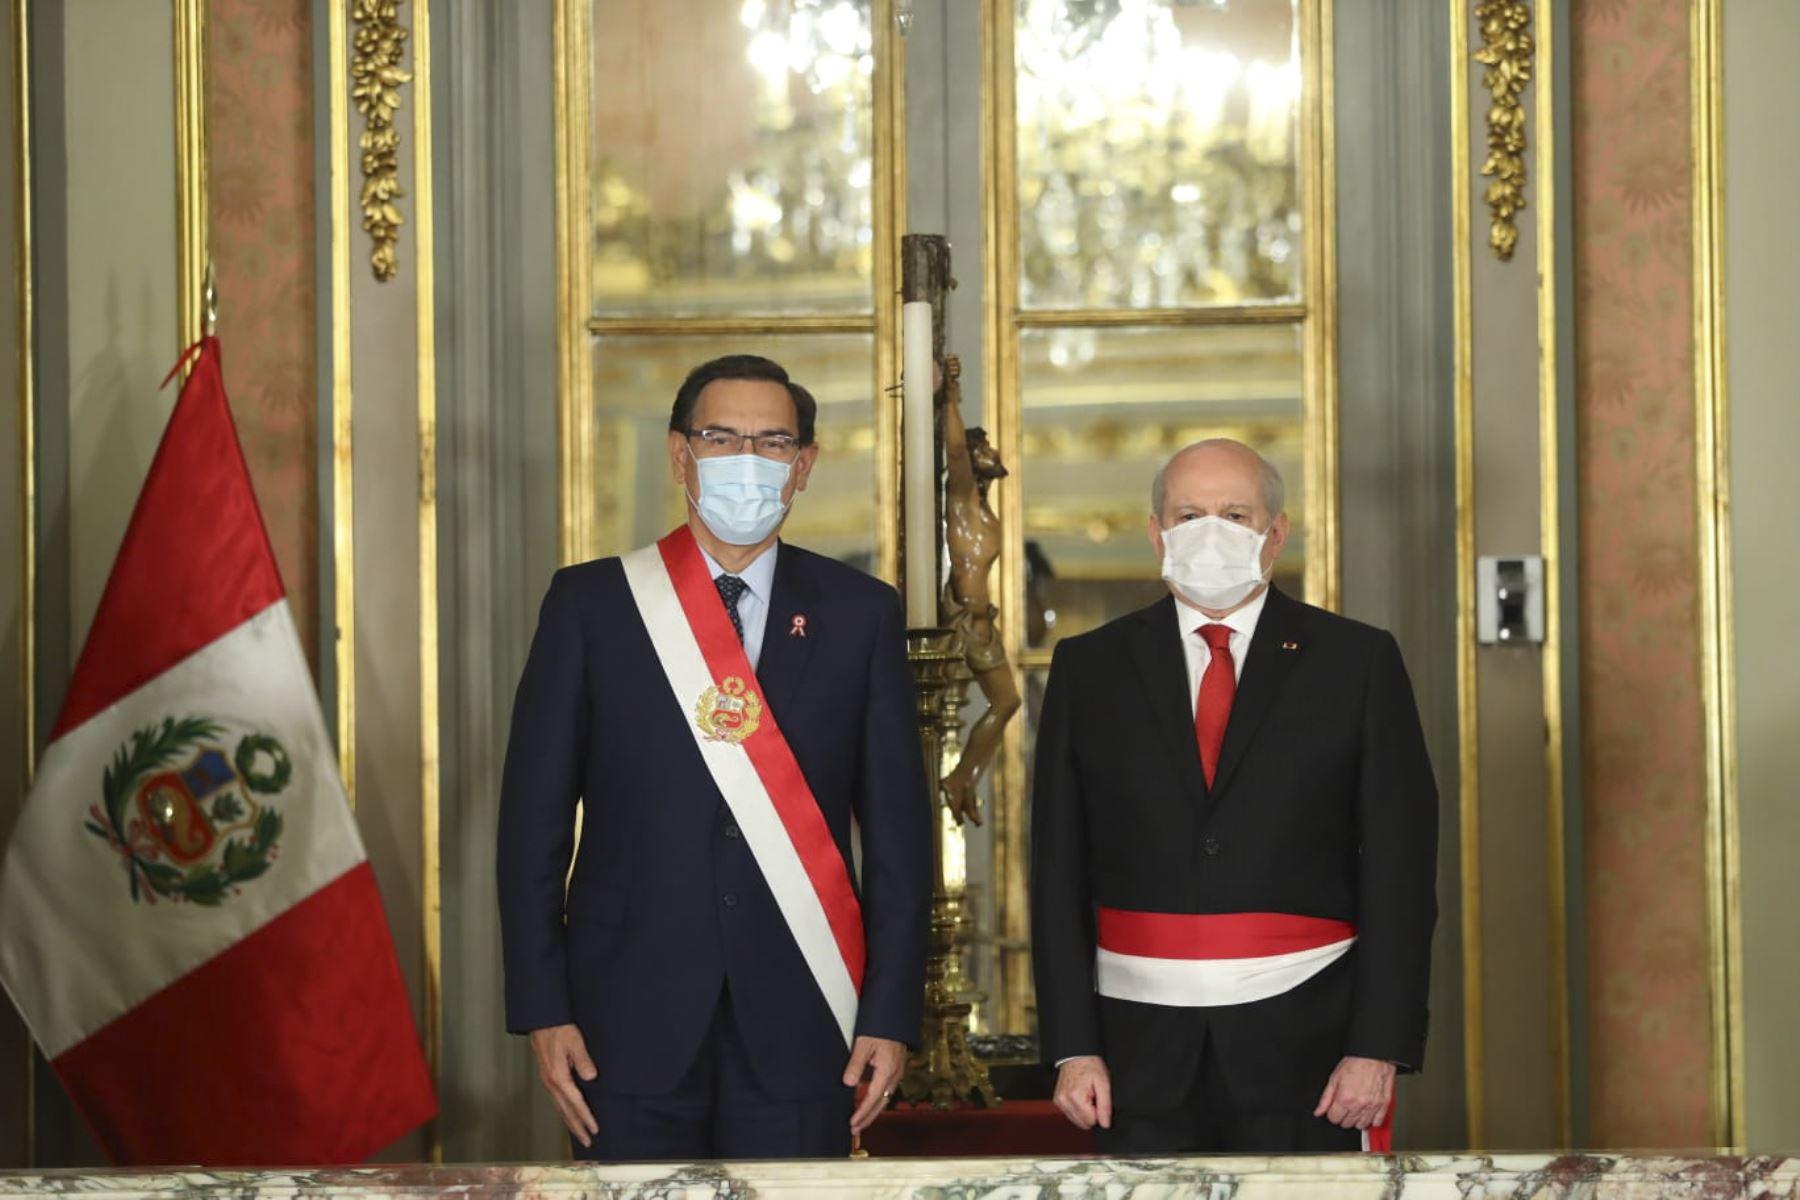 El presidente Martín Vizcarra toma juramento al nuevo Jefe del Gabinete Ministerial Pedro Cateriano, en el Salón Dorado de Palacio de Gobierno. Foto: ANDINA/ Prensa Presidencia